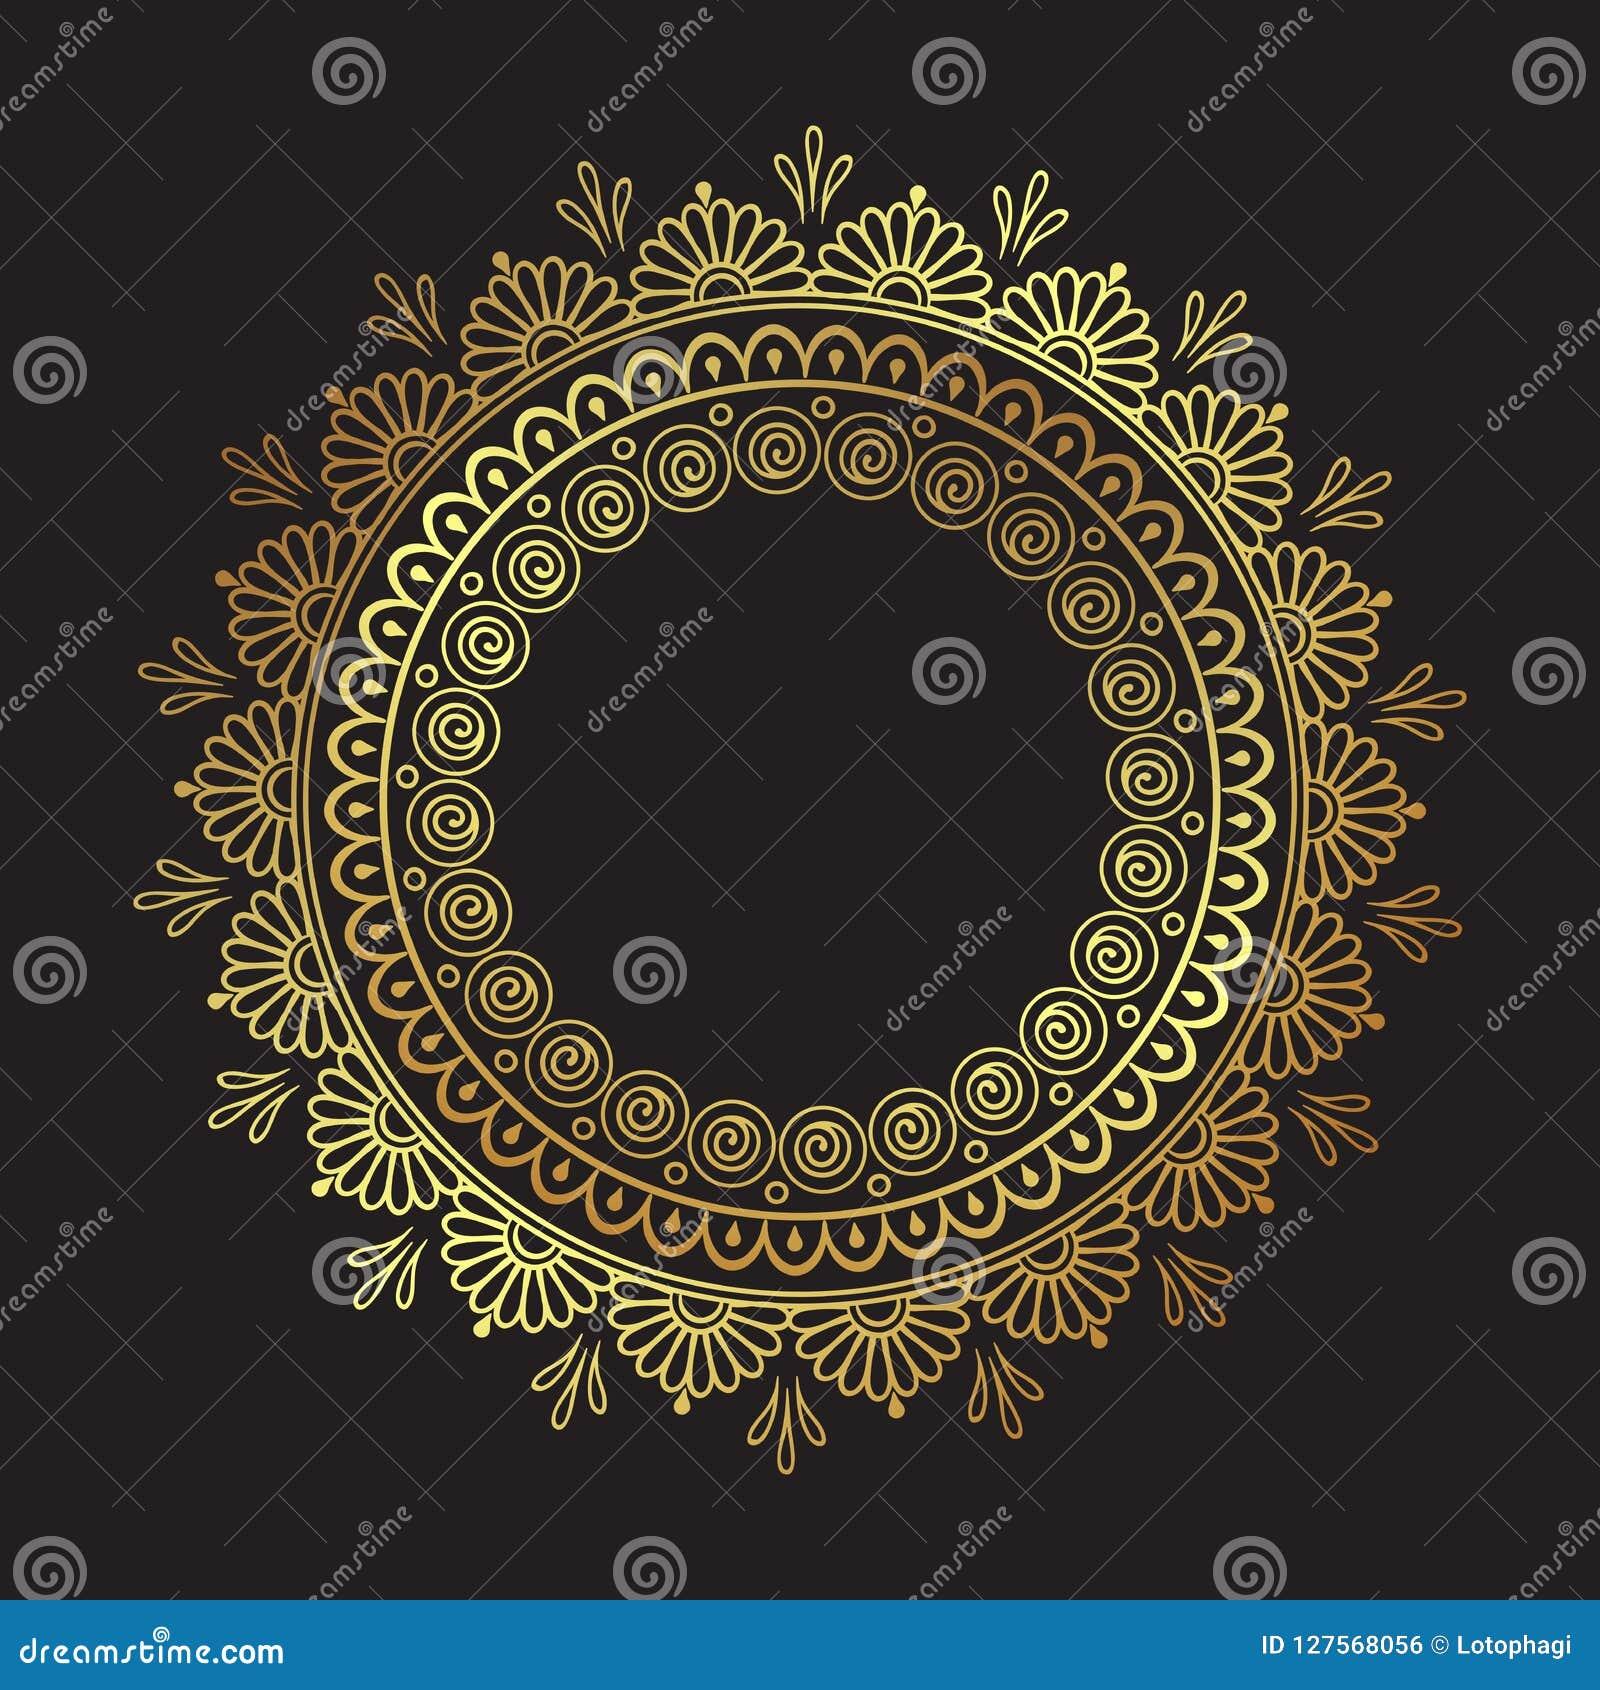 Dekoracyjnej Indiańskiej round koronki ozdobny złocisty mandala odizolowywający nad czarną tło sztuki ramy projekta wektoru ilust